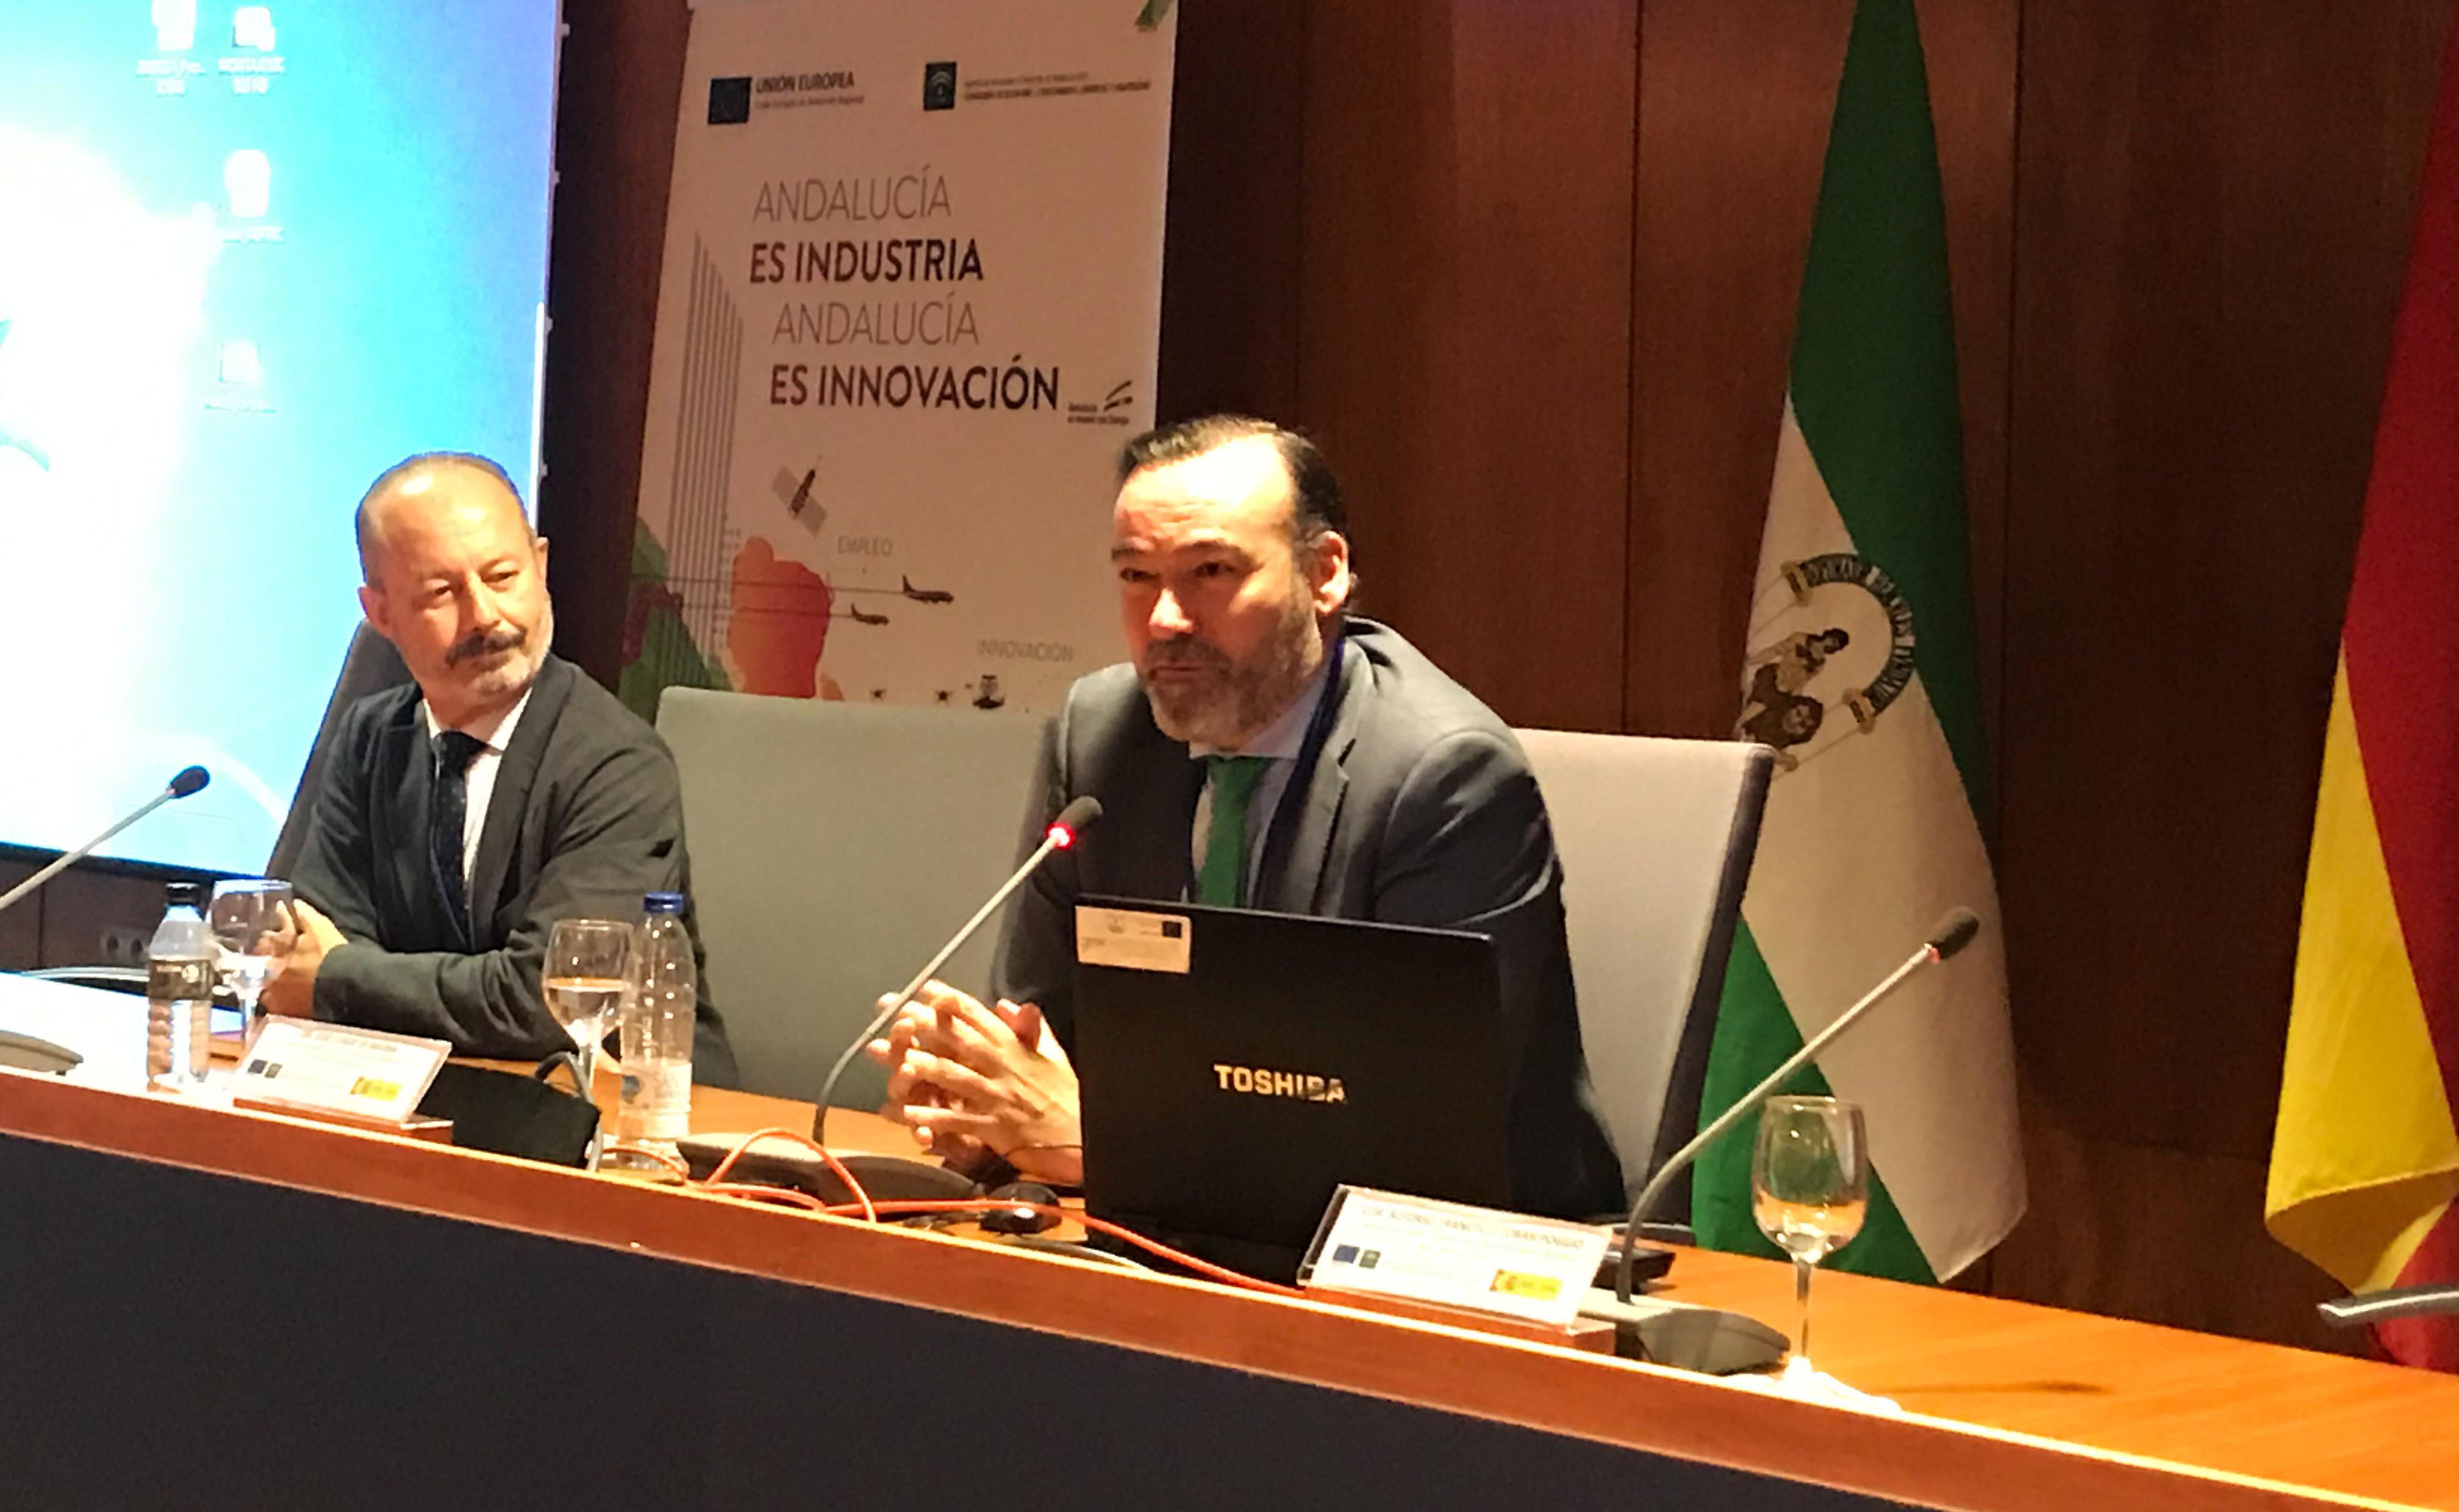 Agencia de Innovación y Desarrollo de Andalucía, IDEA, Fernando Casas